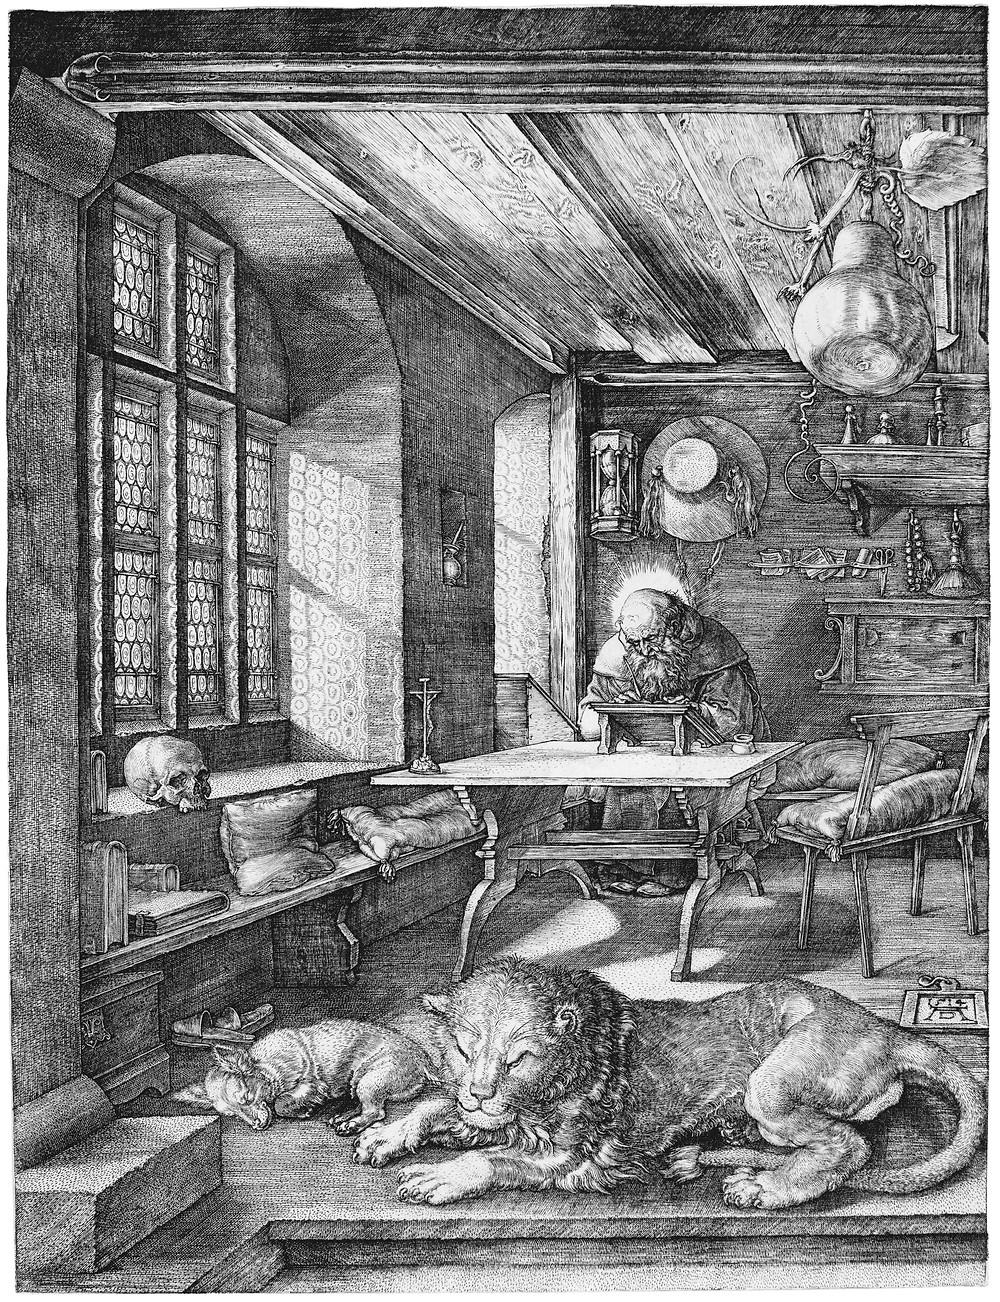 Альбрехт Дюрер, «Святой Иероним в келье» (1514)